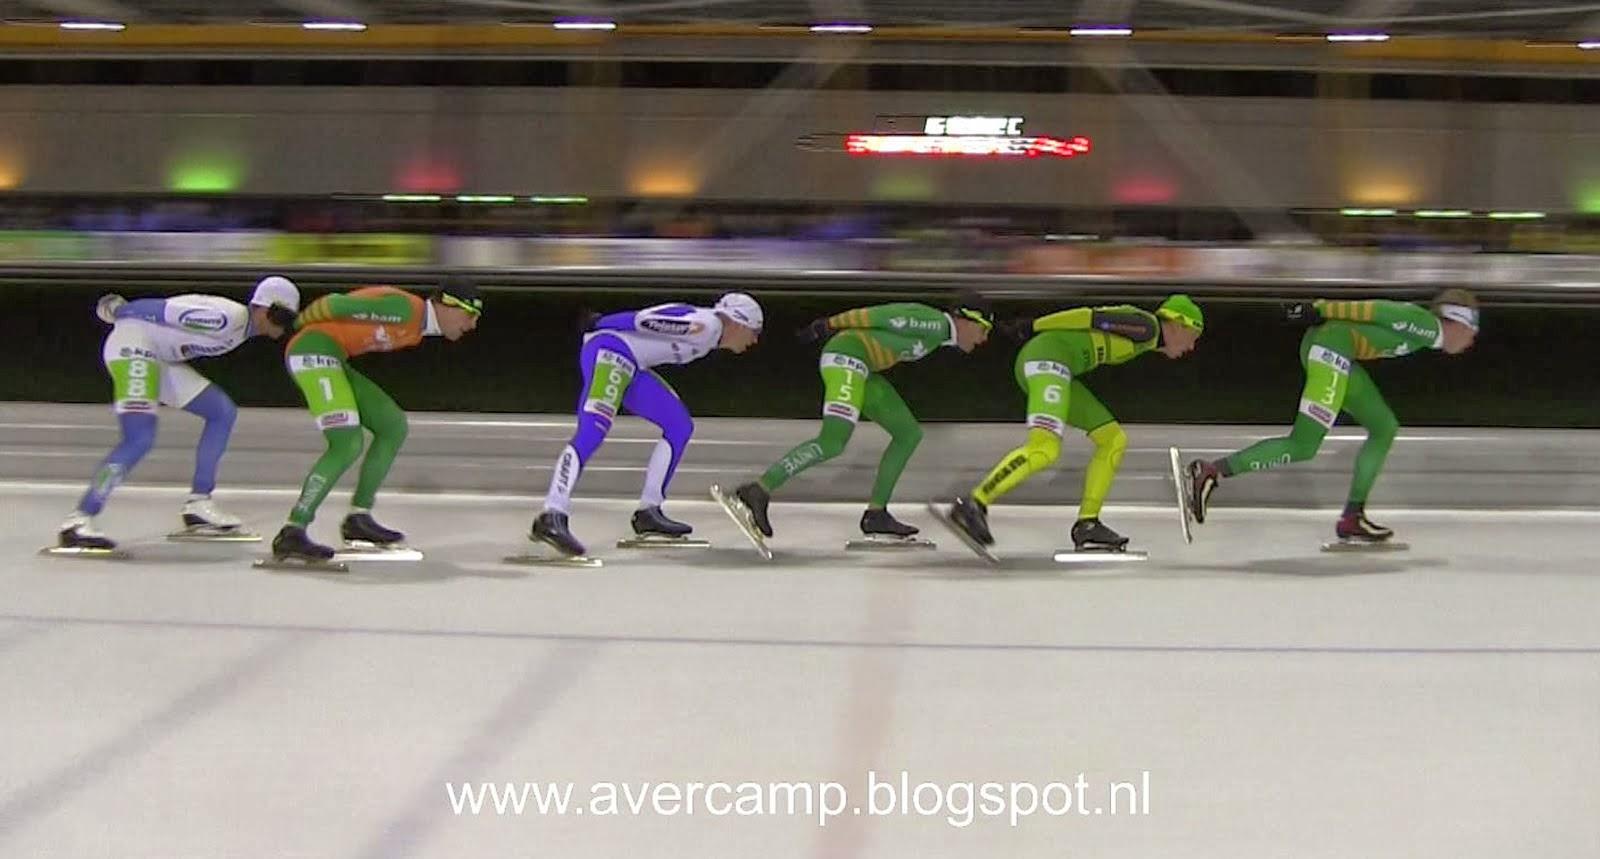 Sterke kopgroep in Eindhoven